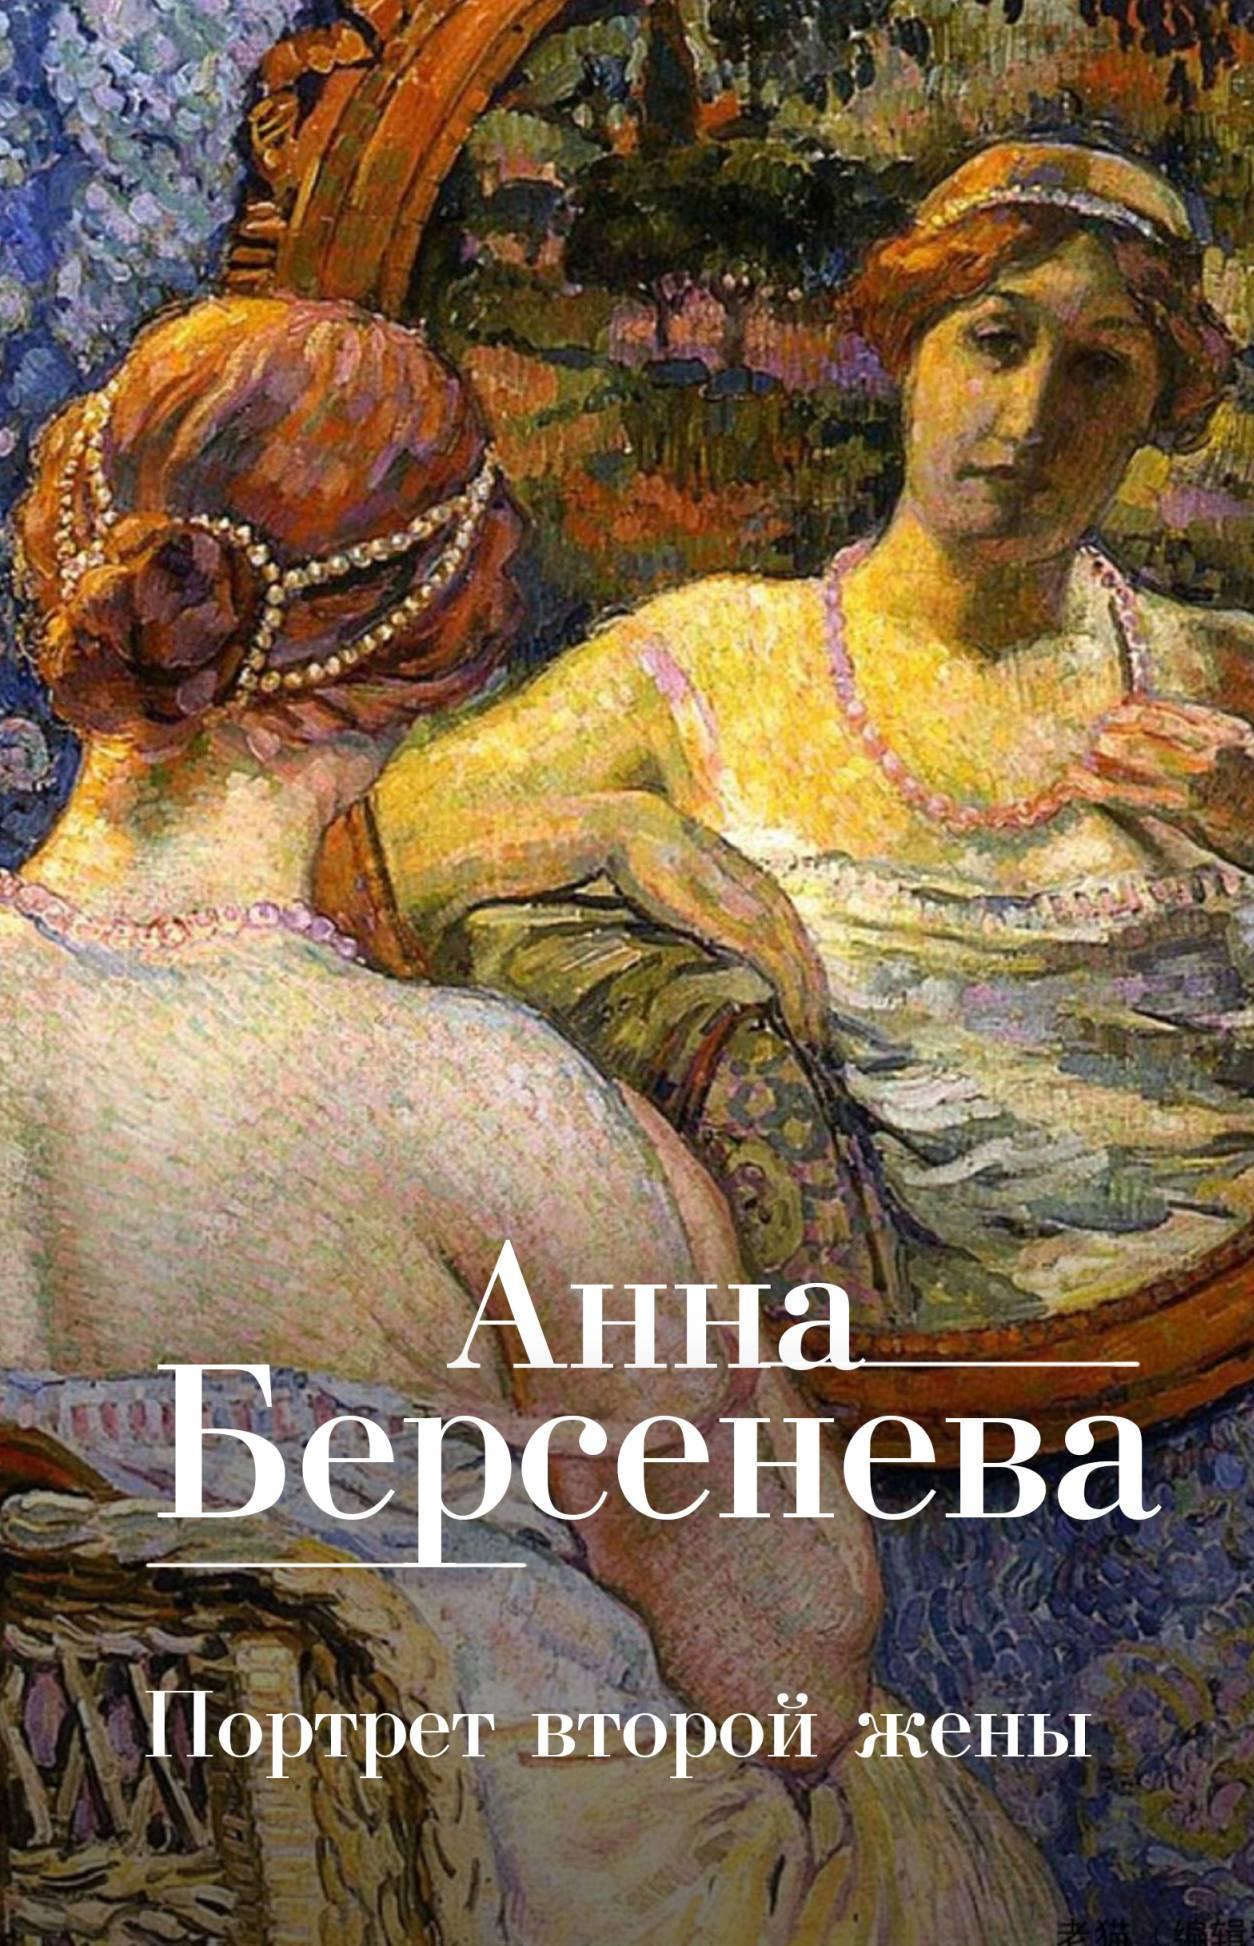 Анна Берсенева Портрет второй жены анна берсенева лучшие годы риты